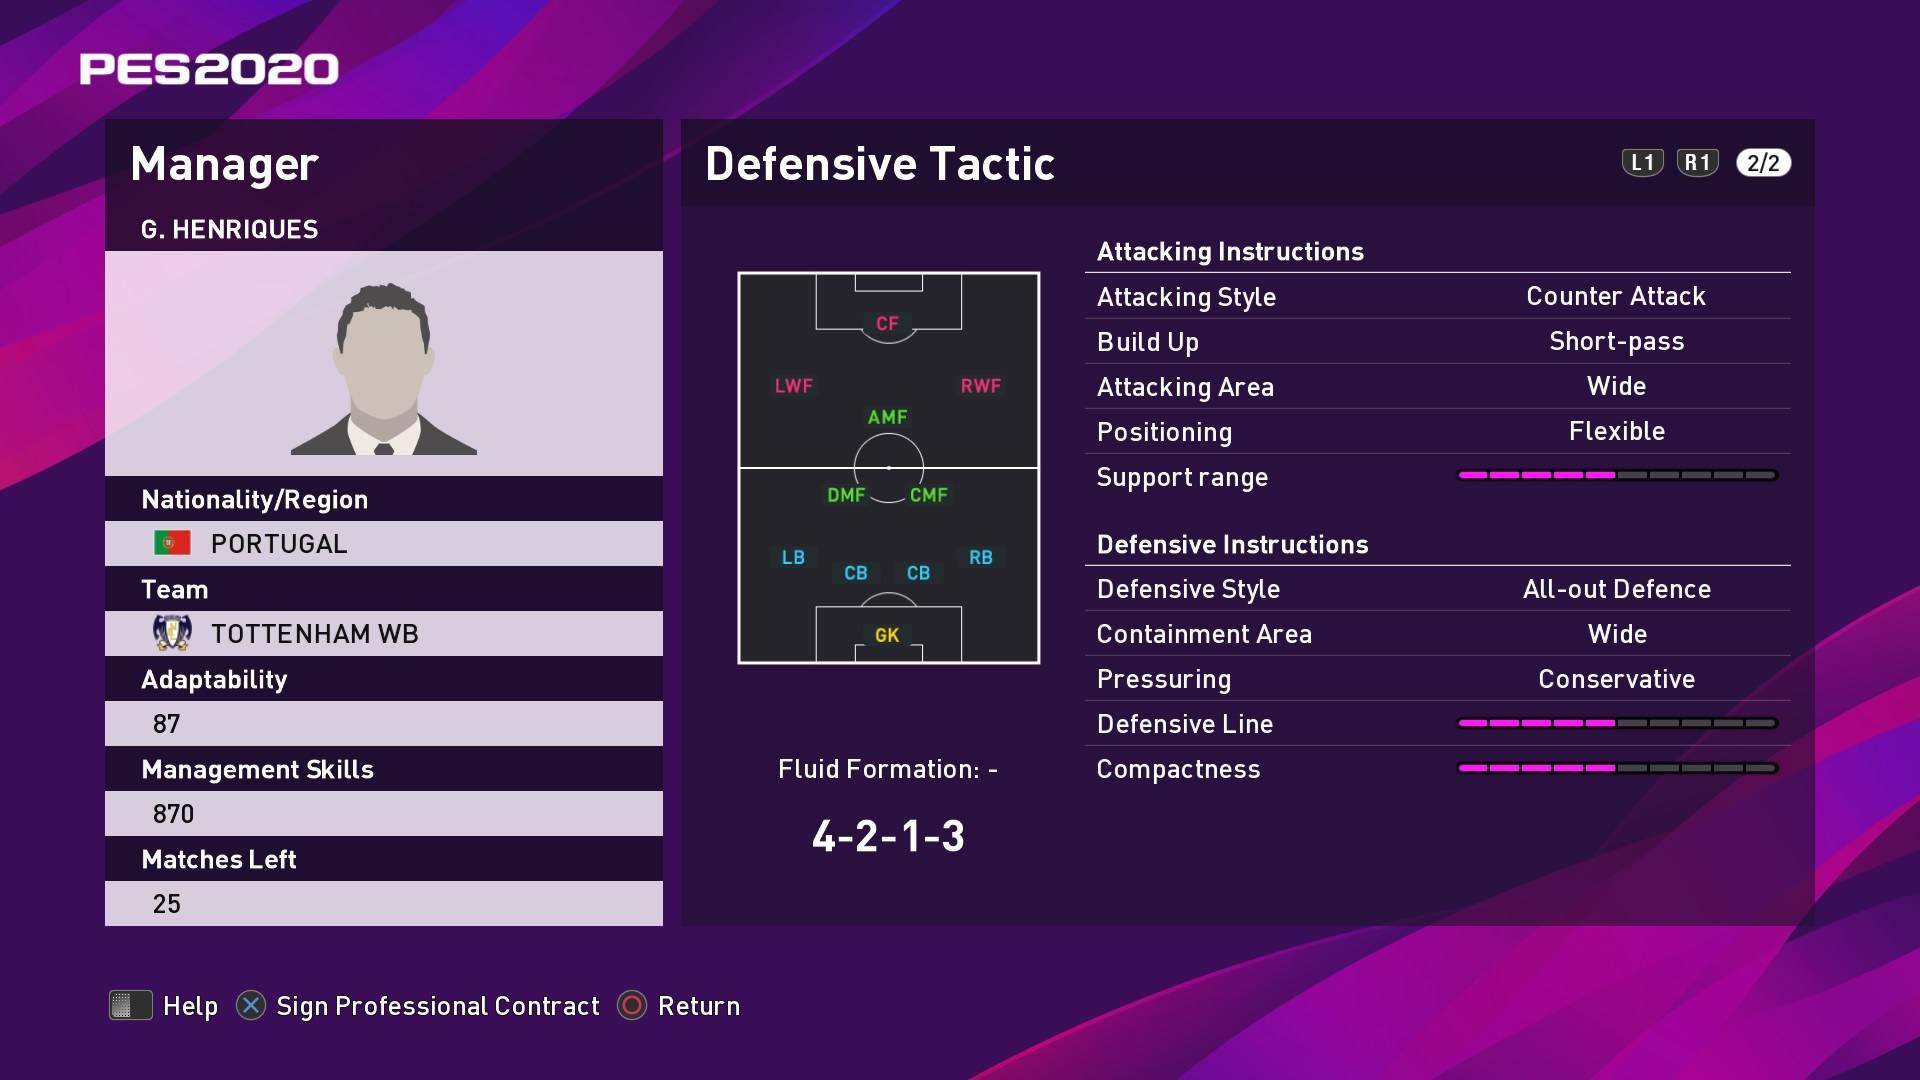 G. Henriques (2) (José Mourinho) Defensive Tactic in PES 2020 myClub